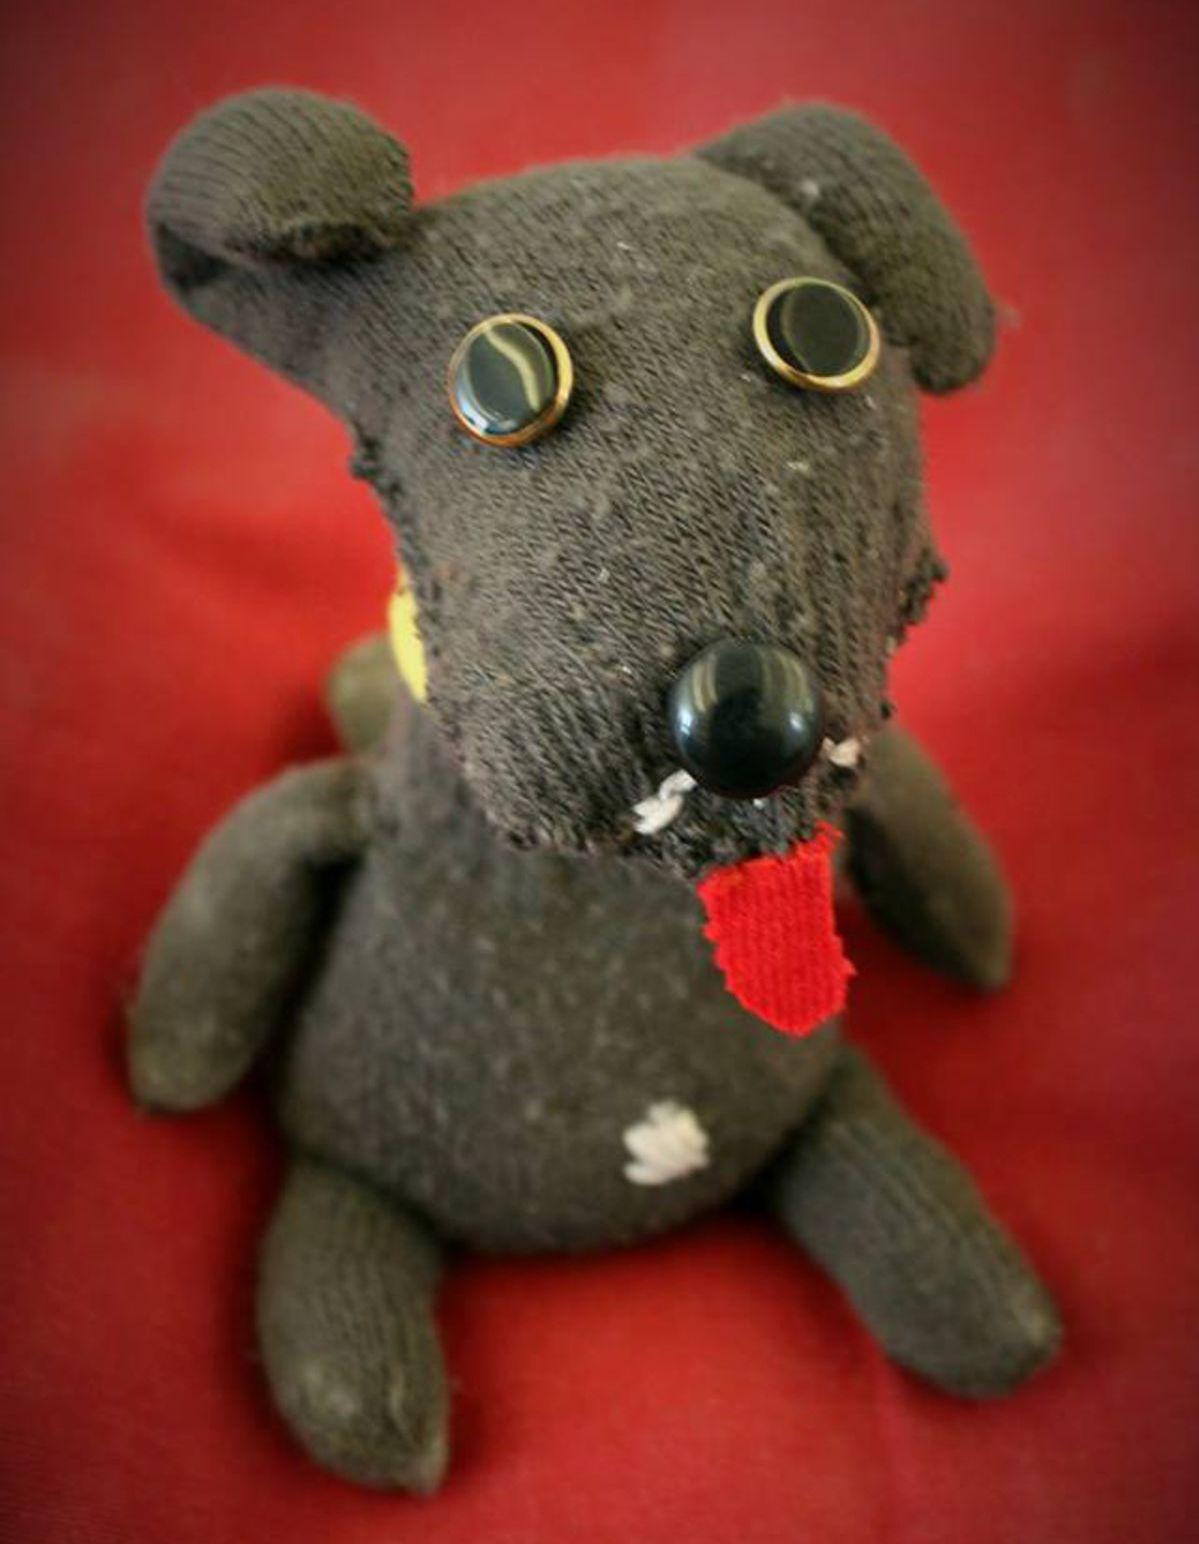 Beáta, ktorá má problémy so sebapoškodzovaním a v UPside našla pomoc, vyrobila do aukcie ponožkového psa.